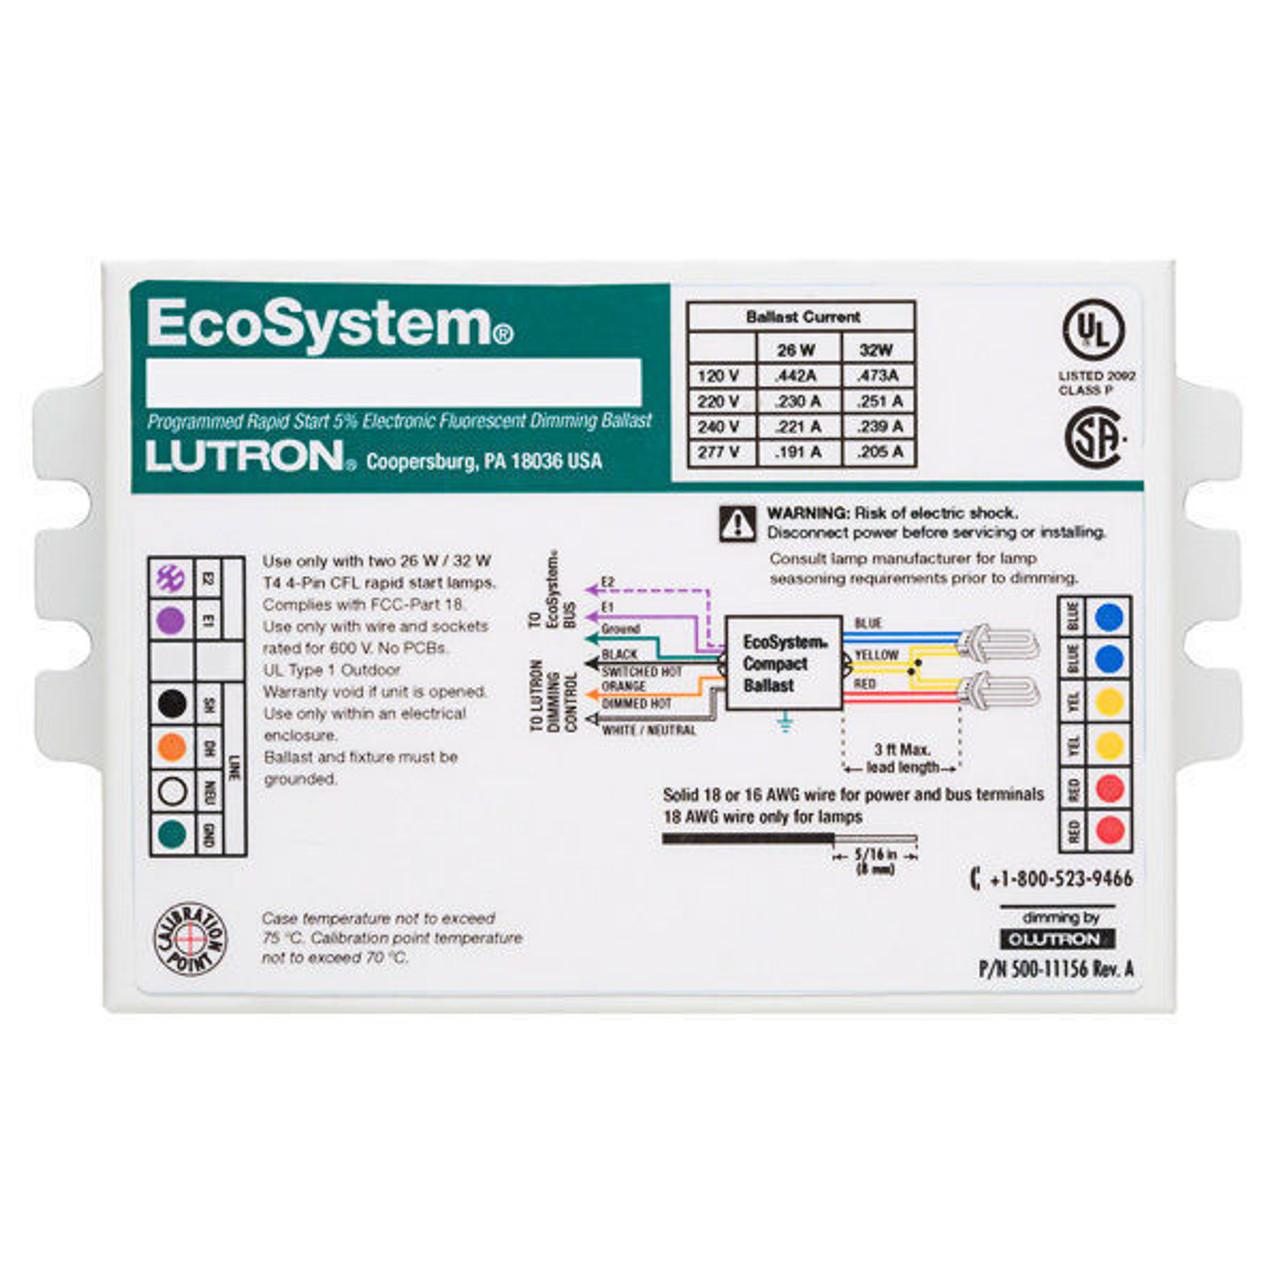 medium resolution of ec3dt442ku2 lutron ecosystem cfl dimming ballast lutron ecosystem dimming ballast wiring diagram ec3dt442ku2 lutron ecosystem